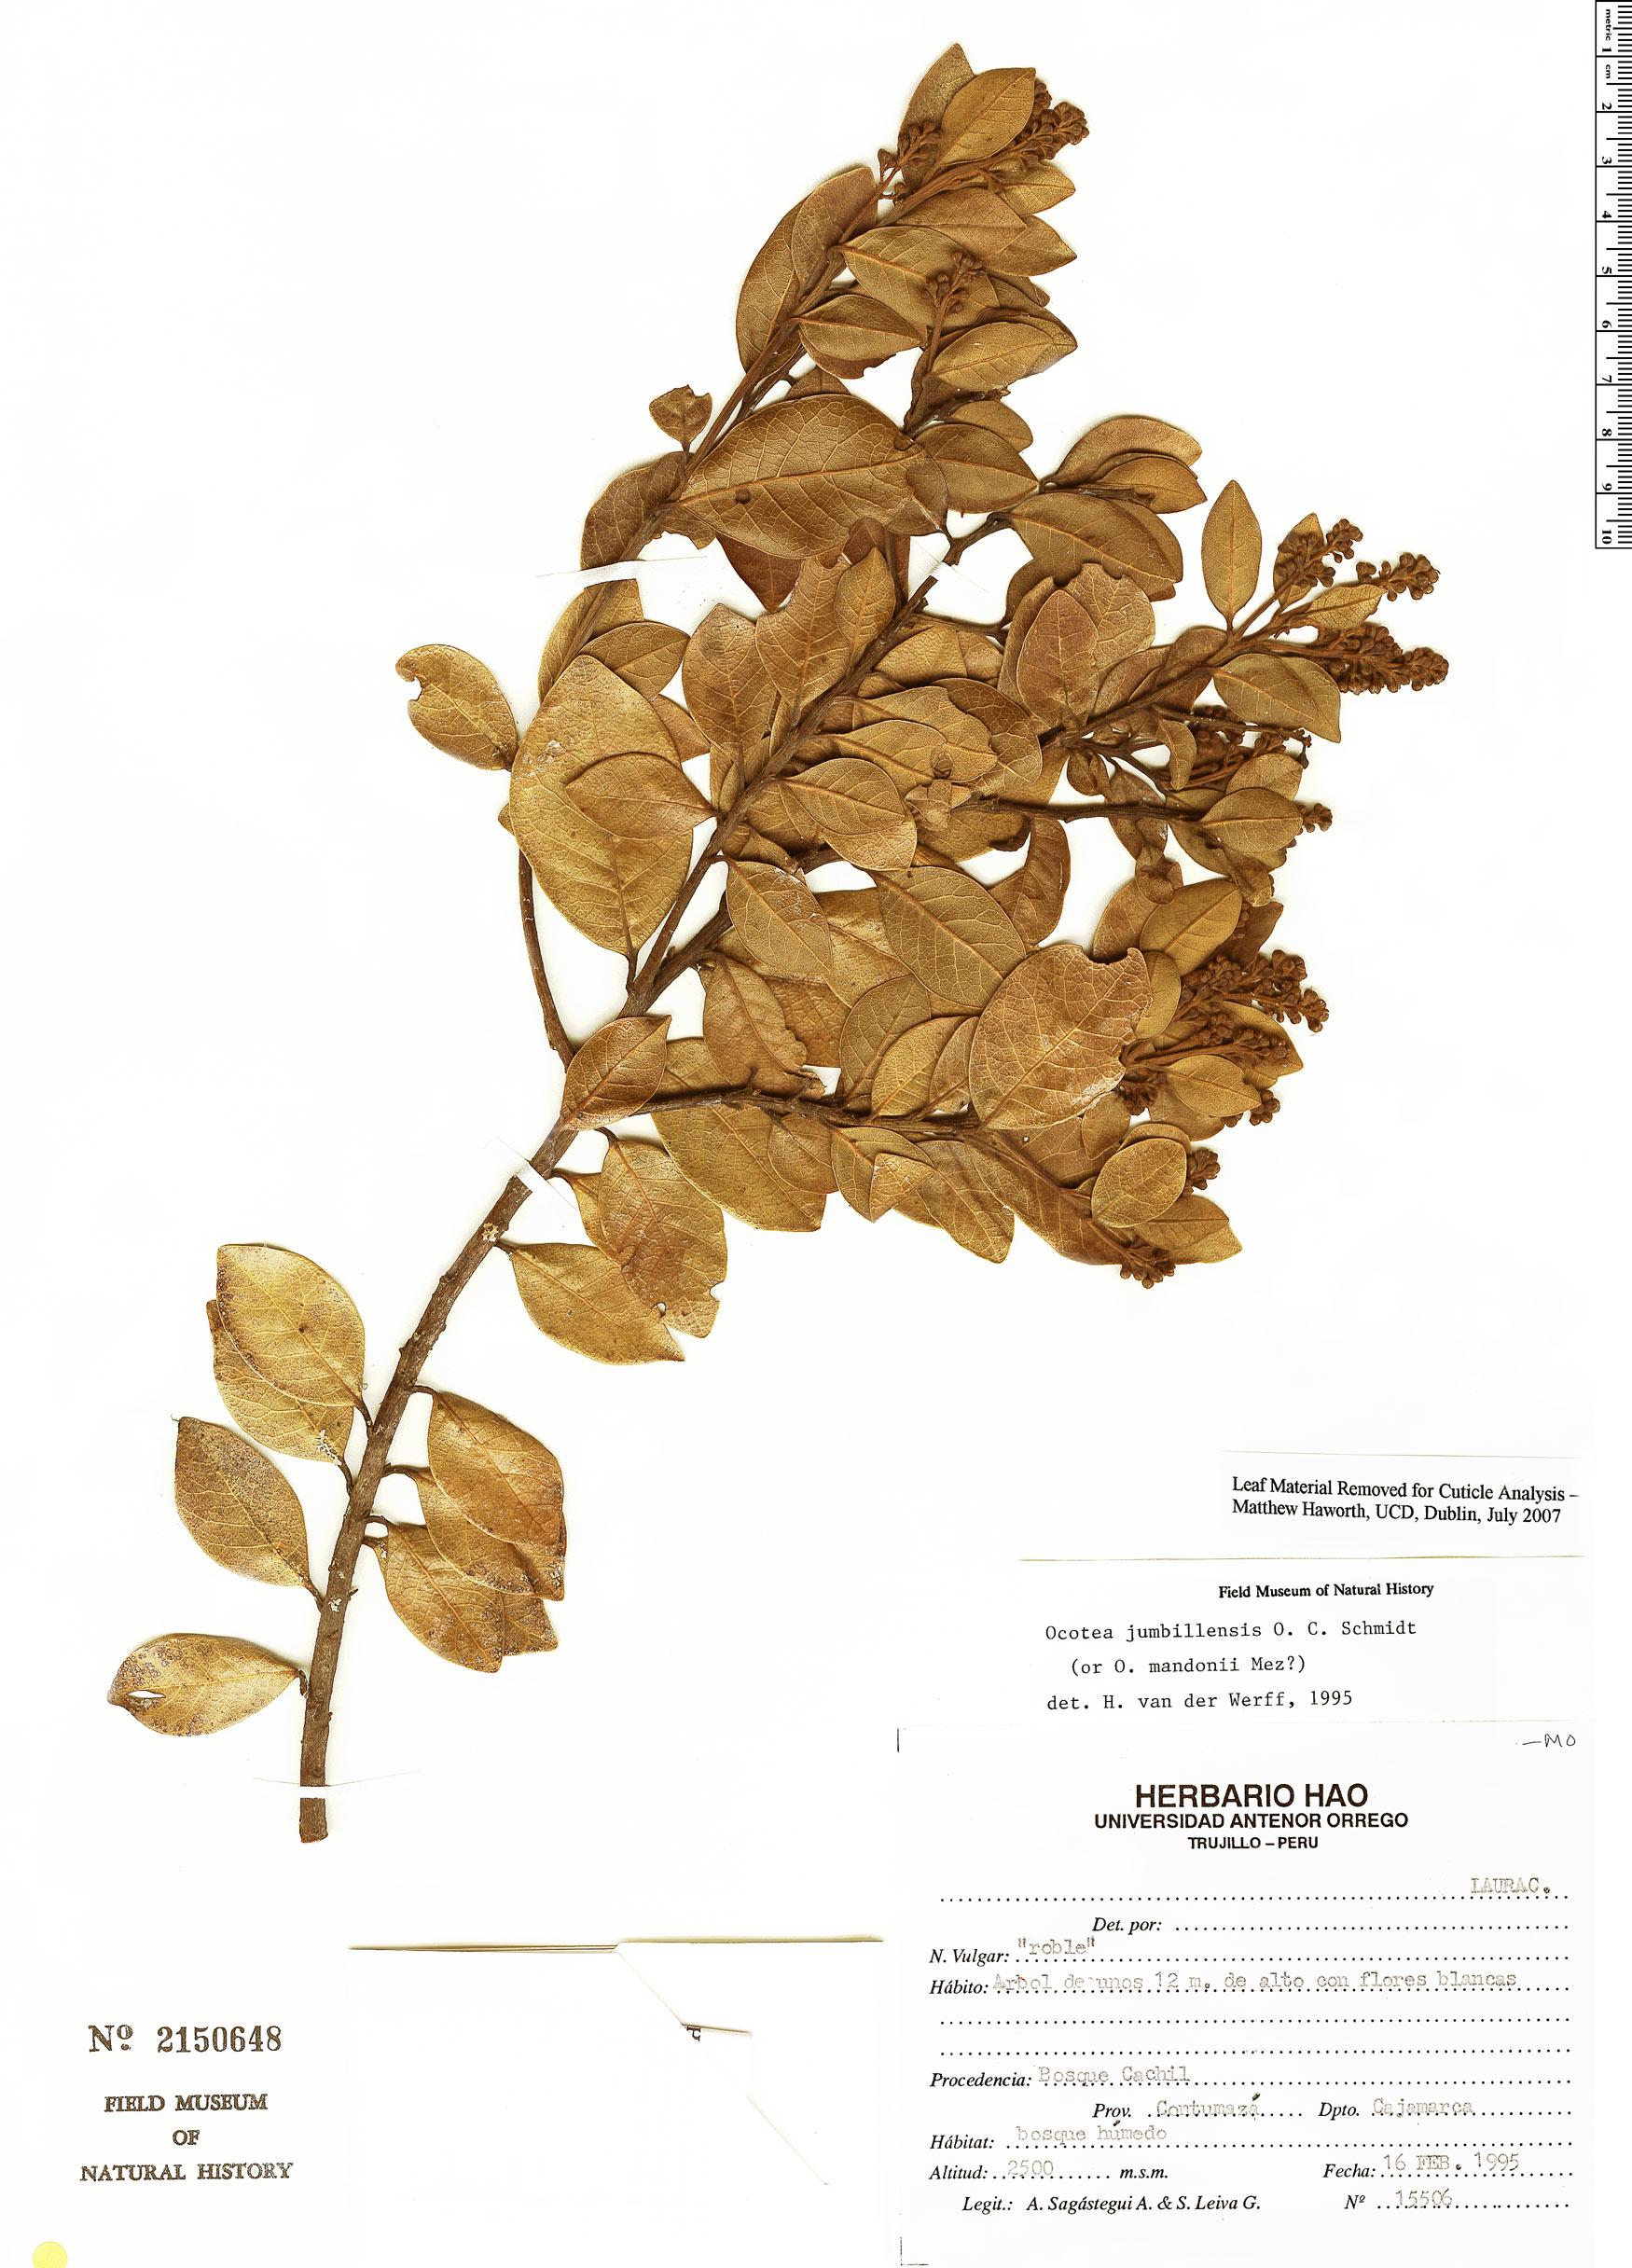 Specimen: Ocotea jumbillensis